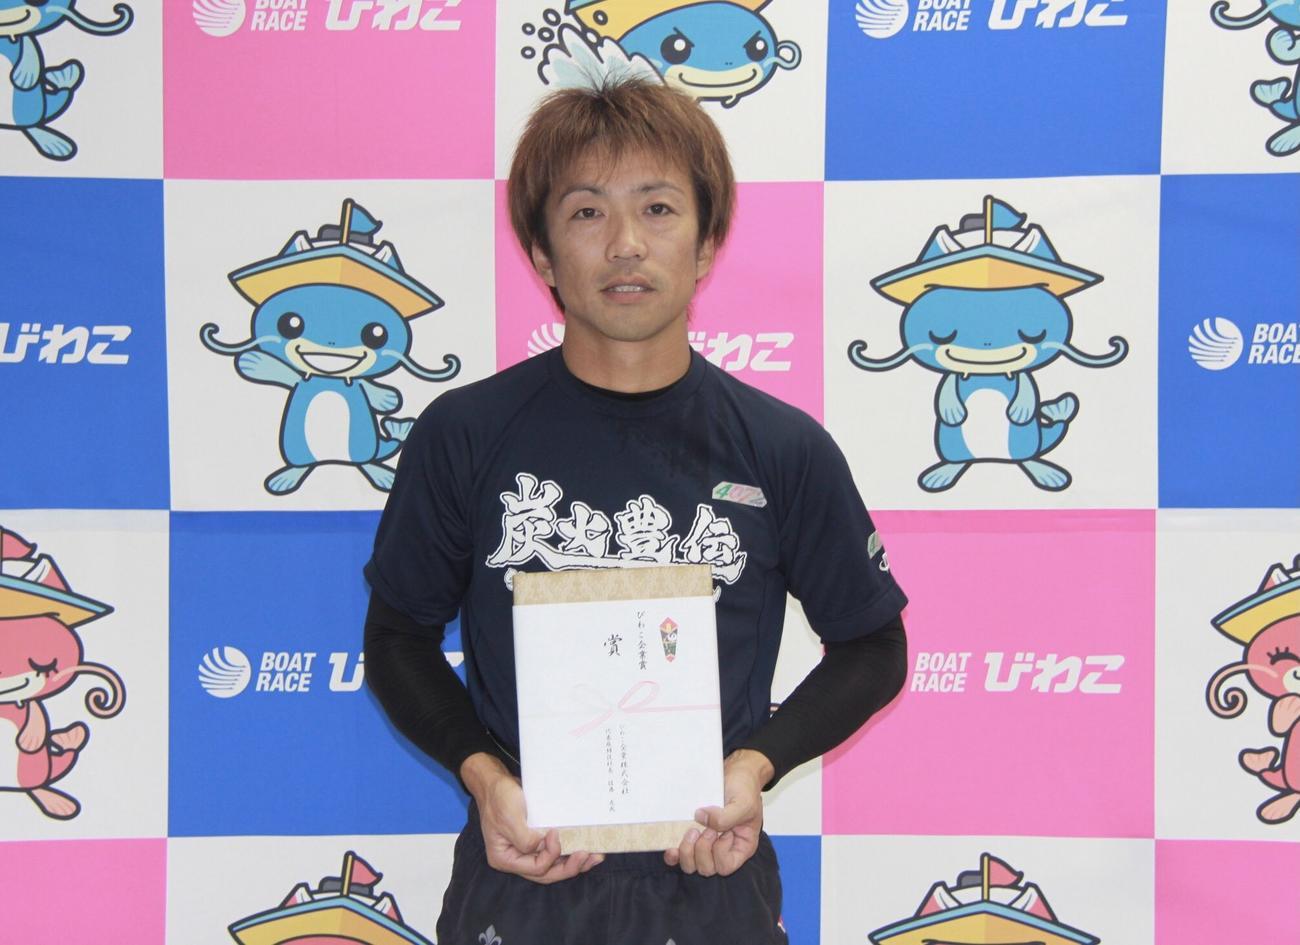 8年8カ月ぶりもお構いなし! 森永淳がまくり差しで、びわこ初優出初優勝を飾った